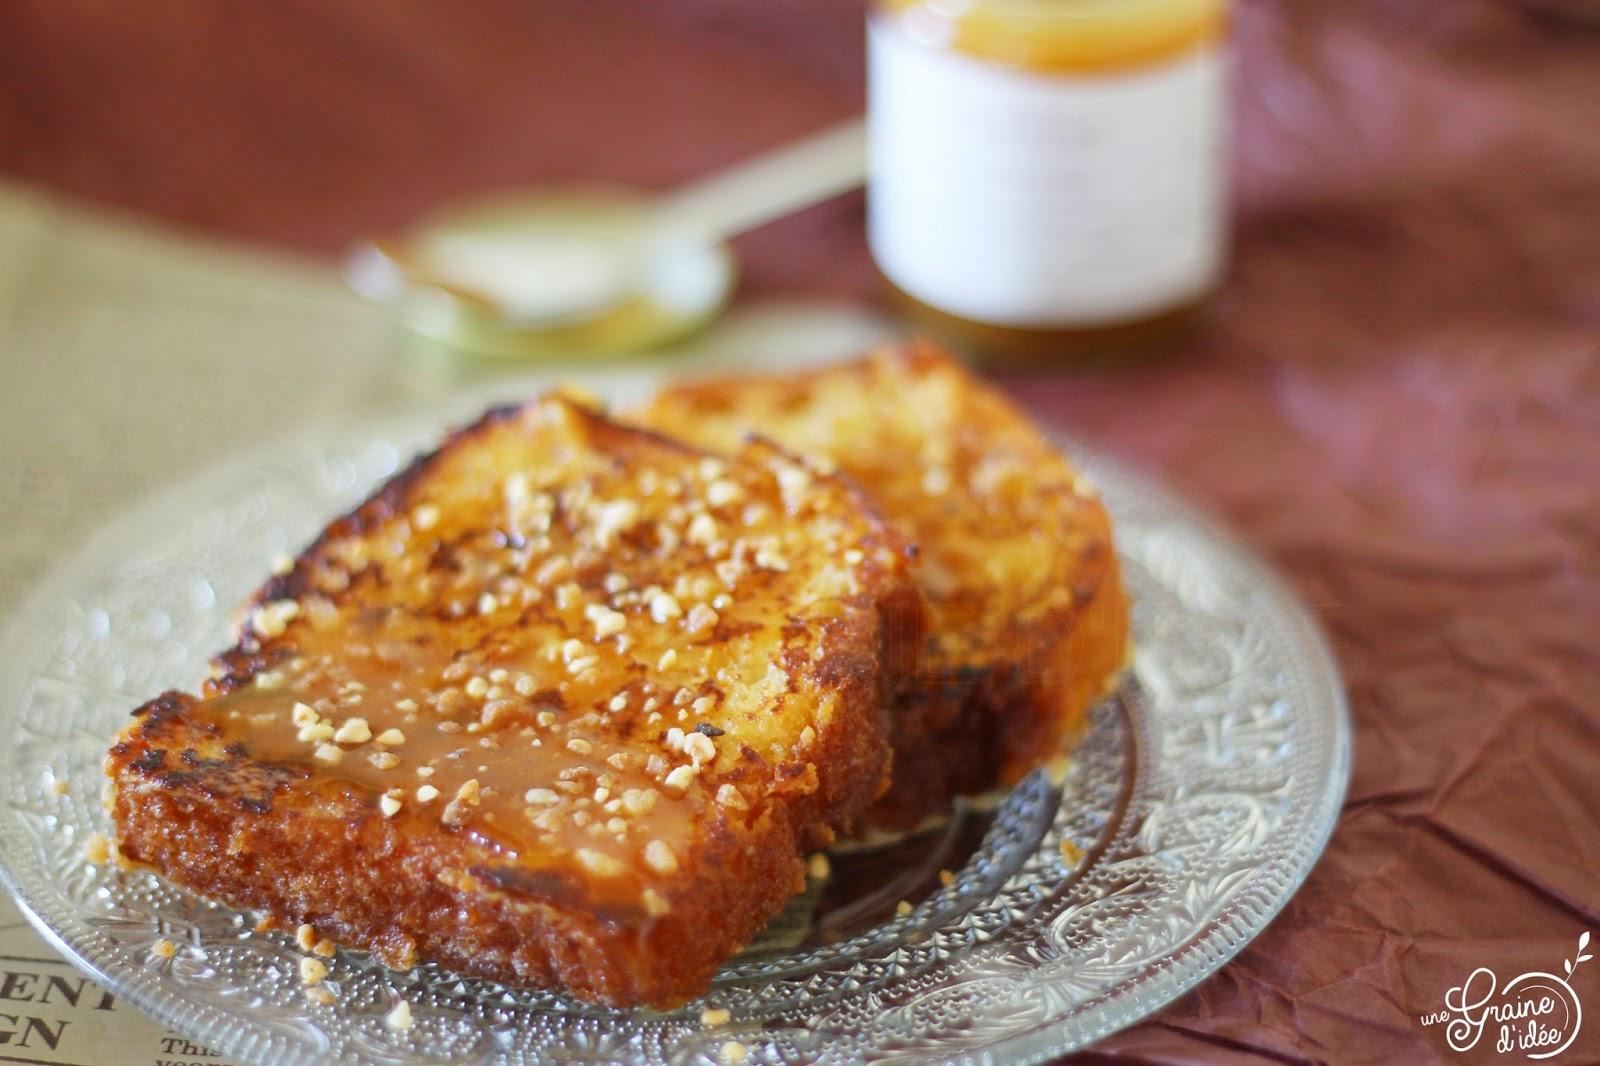 Quatre-Quarts Perdu Caramel au Beurre Salé et Pralin - Une Graine d'Idée